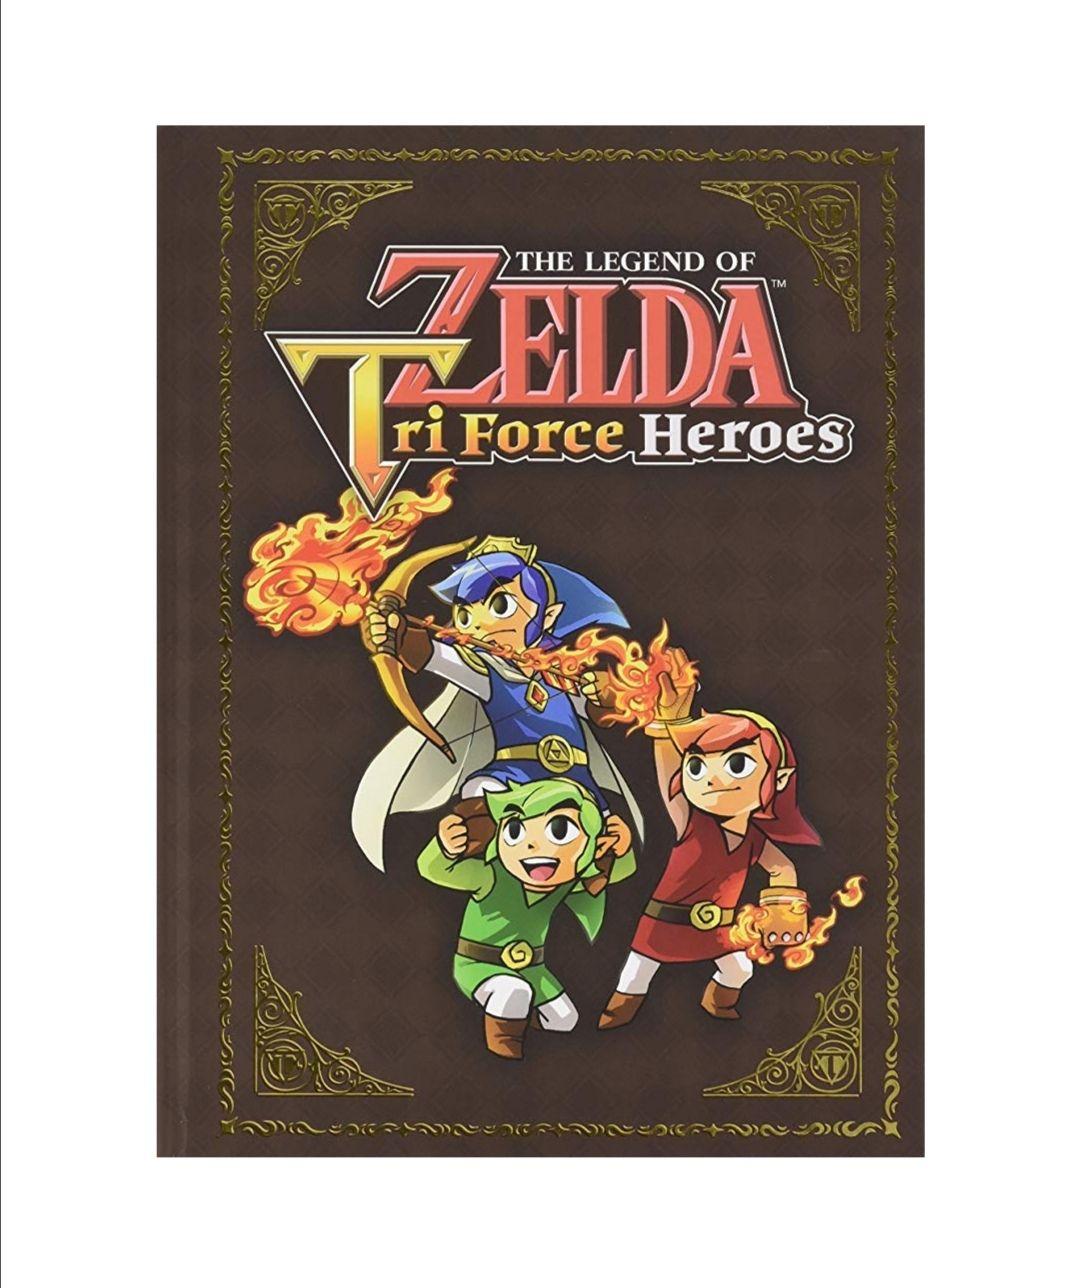 The Legend of Zelda.(inglés)